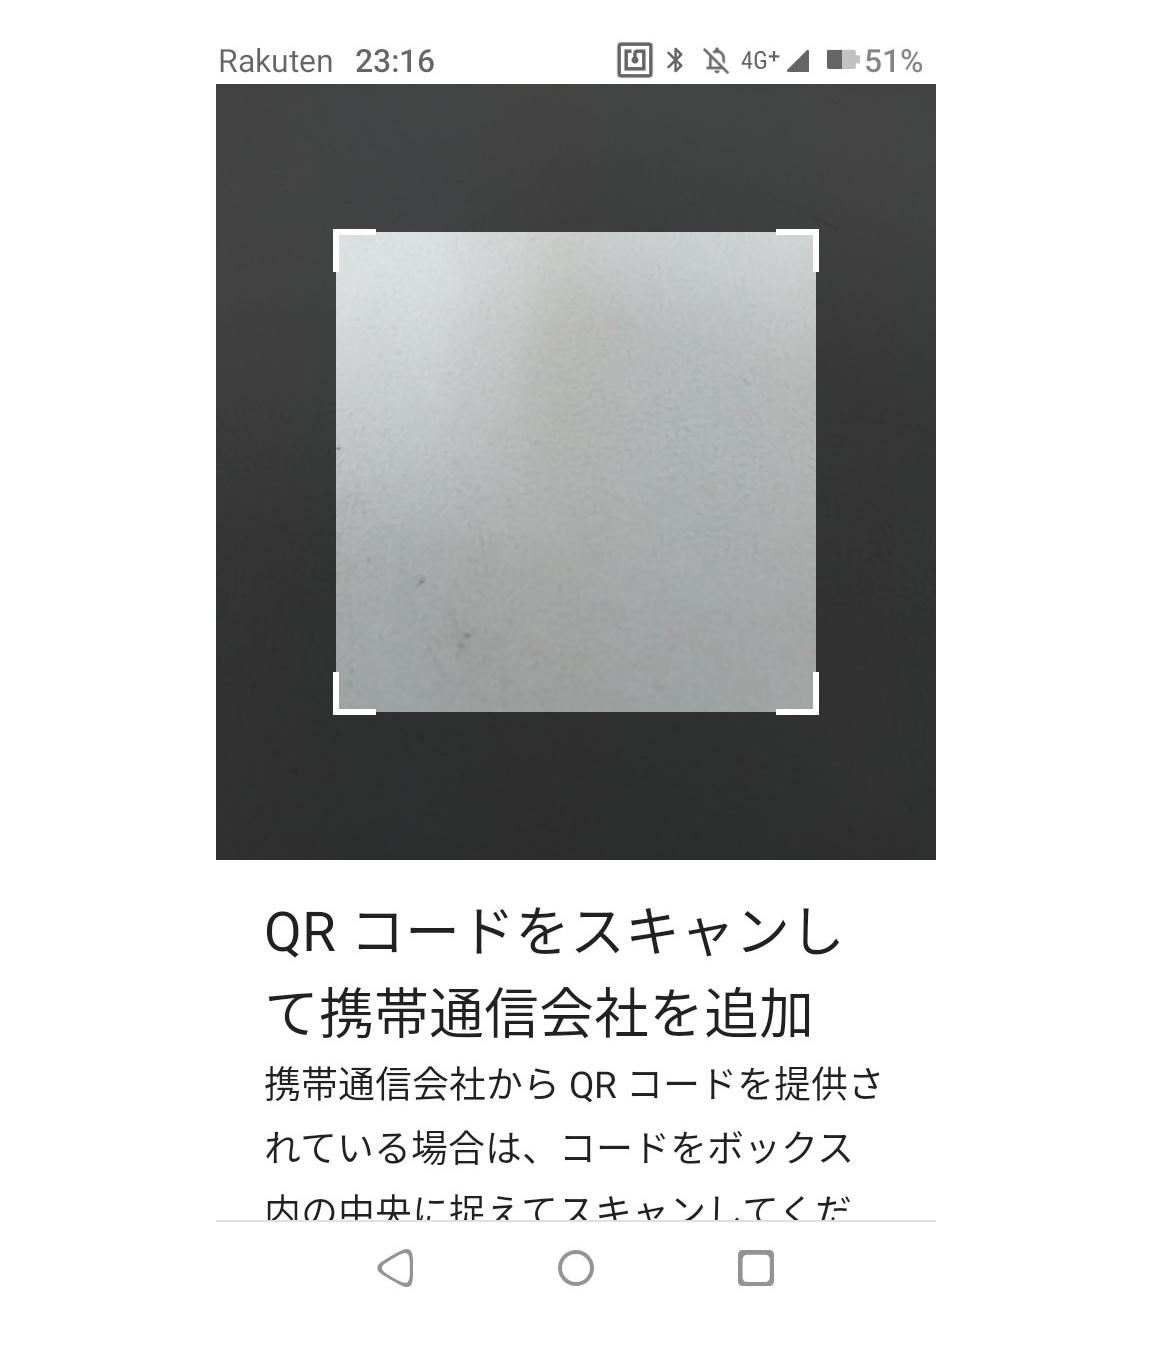 Rakuten Mini Junya Ishino